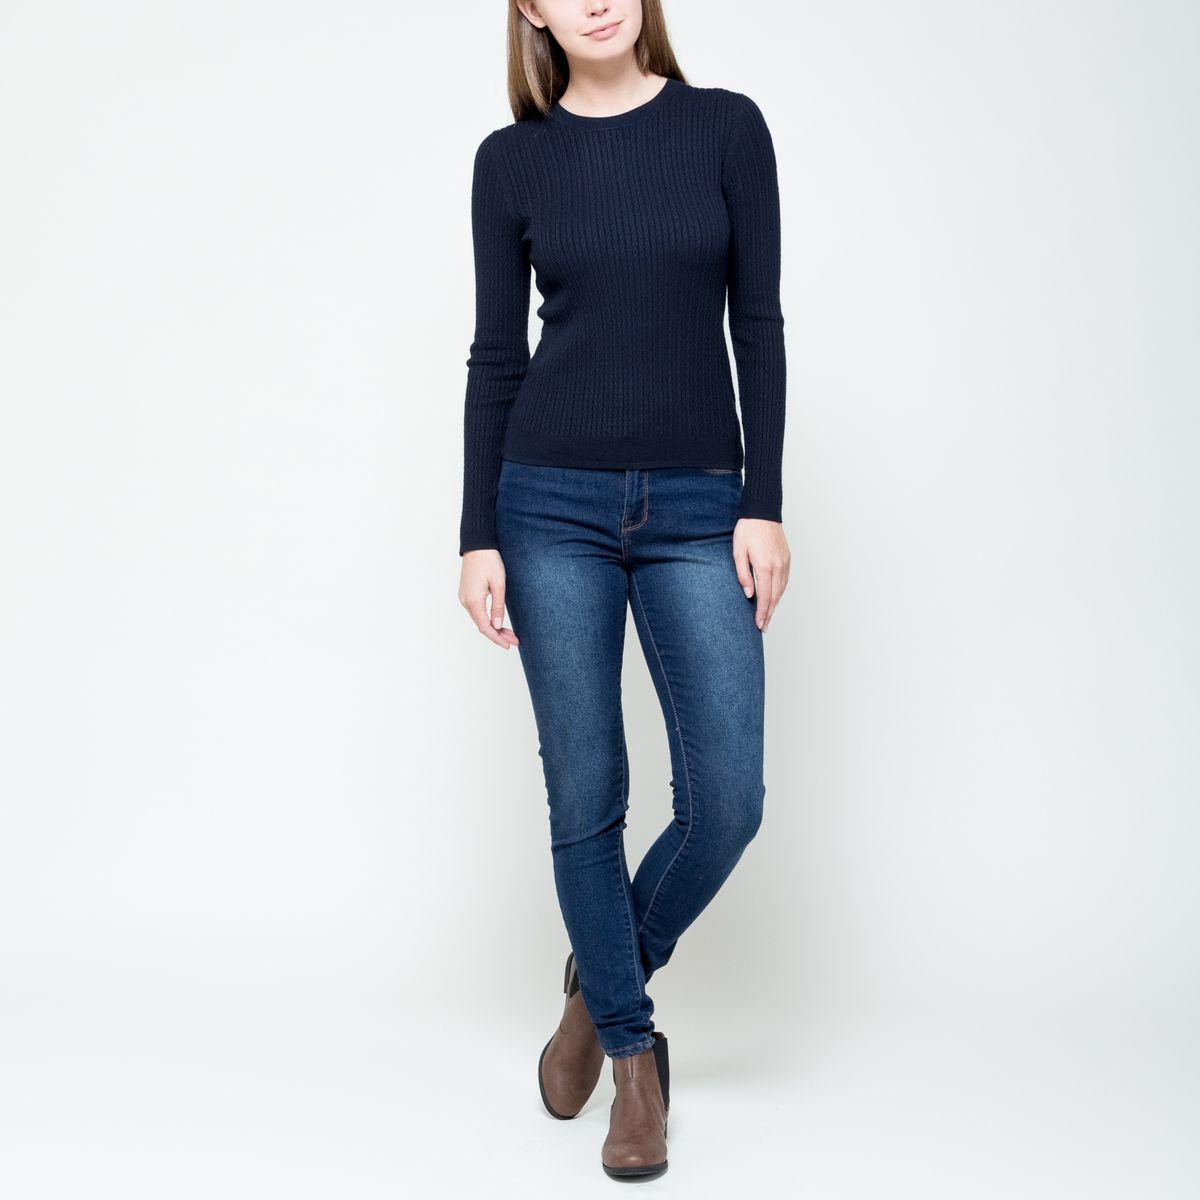 Джемпер женский Sela, цвет: темно-синий. JR-114/1144-6322. Размер S (44) жакет женский sela цвет темно синий jtk 116 448 6171 размер s 44